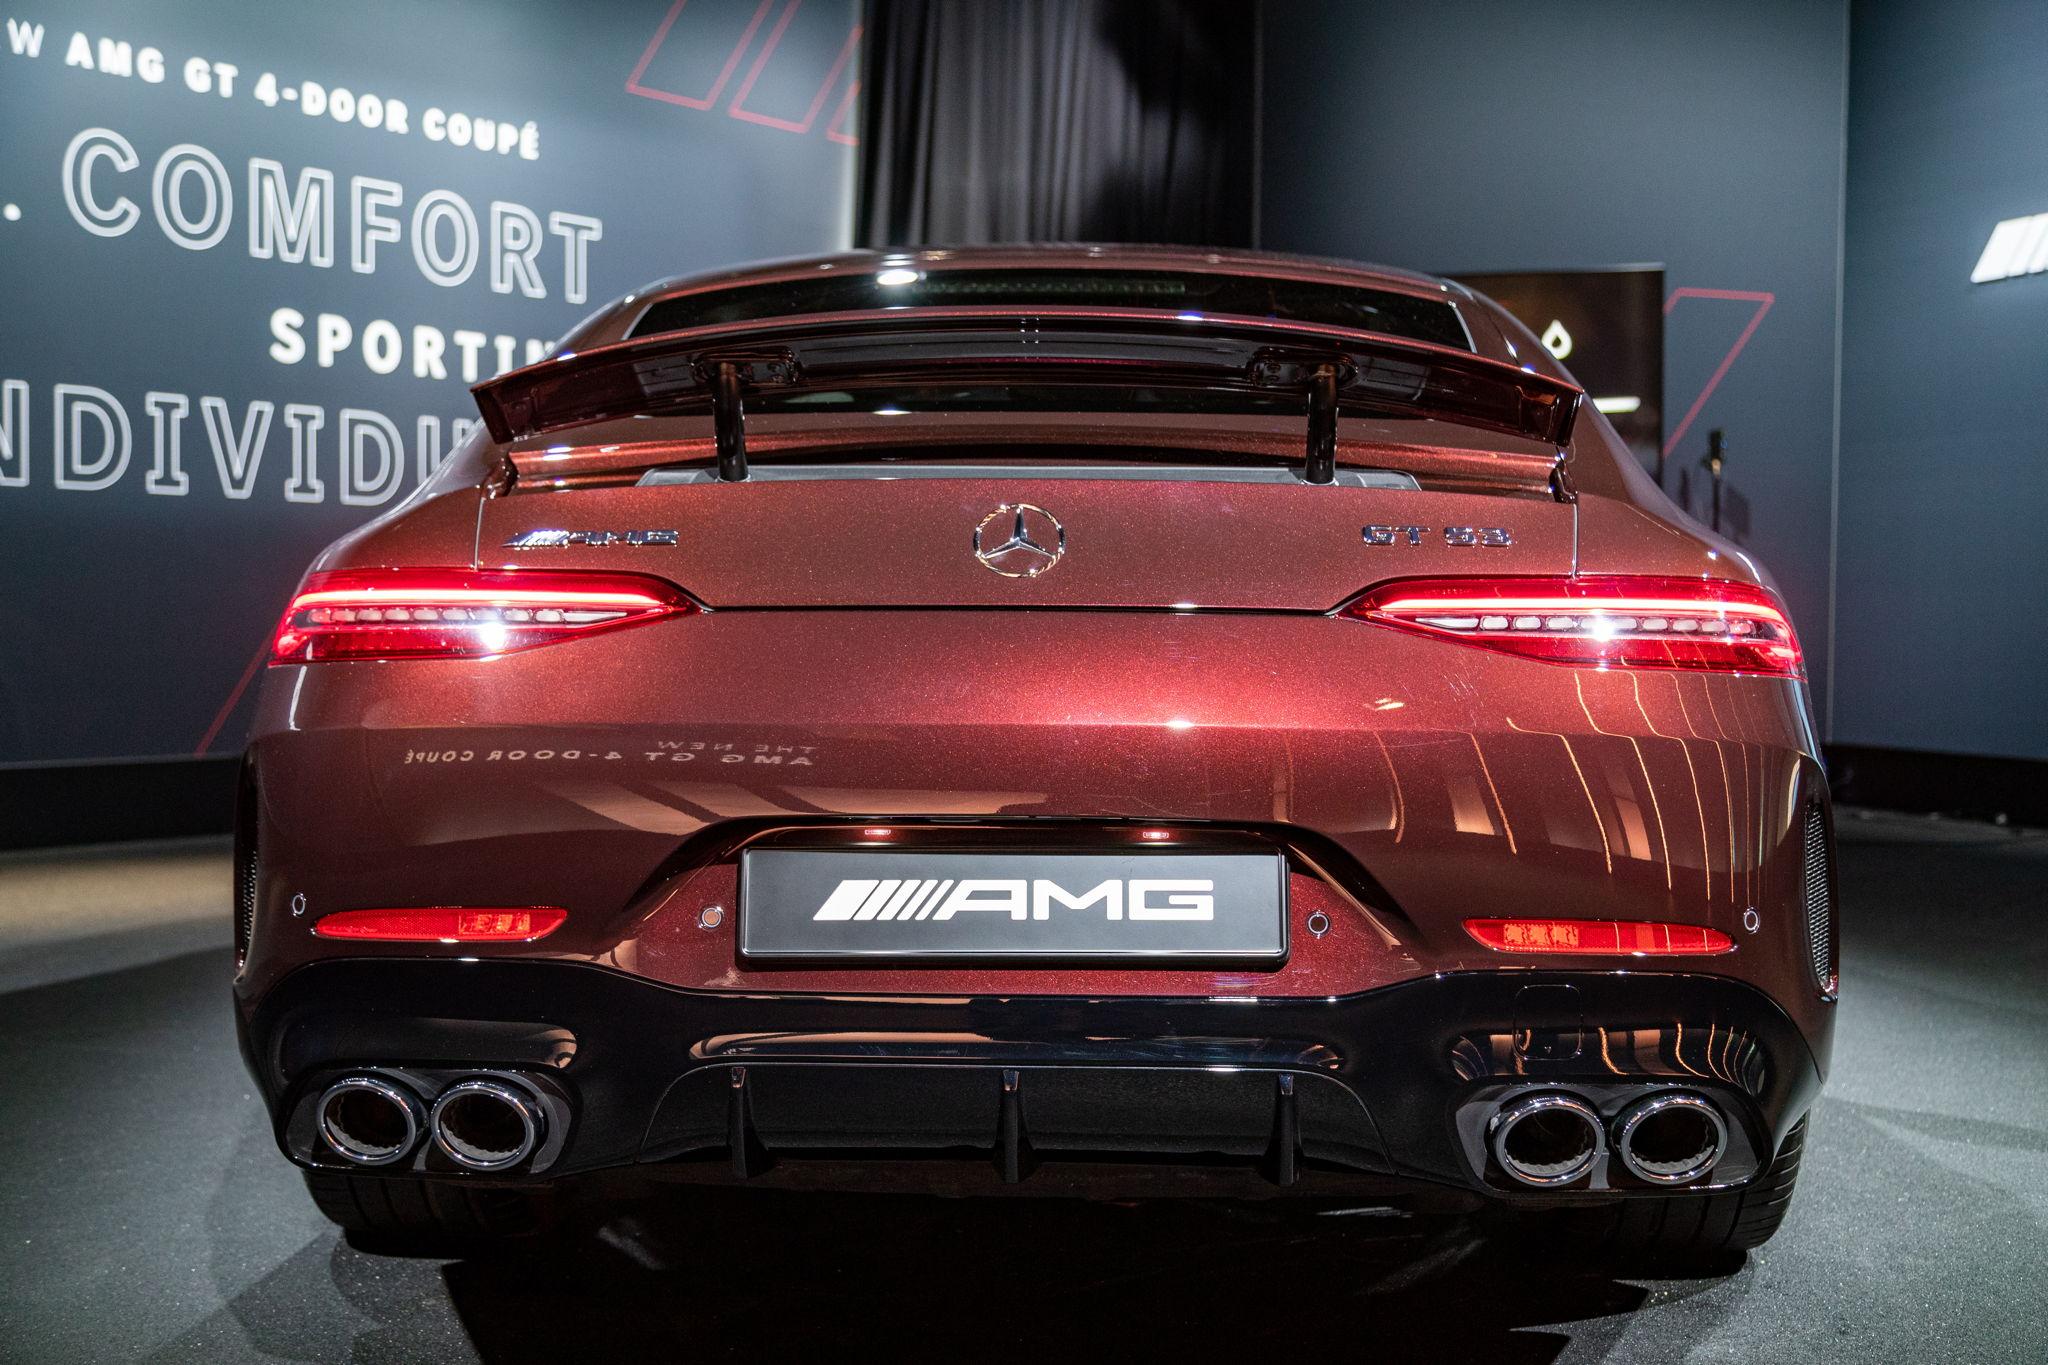 Das Mercedes-AMG GT 4-Türer Coupé - erster Bilder zur Modellpflege